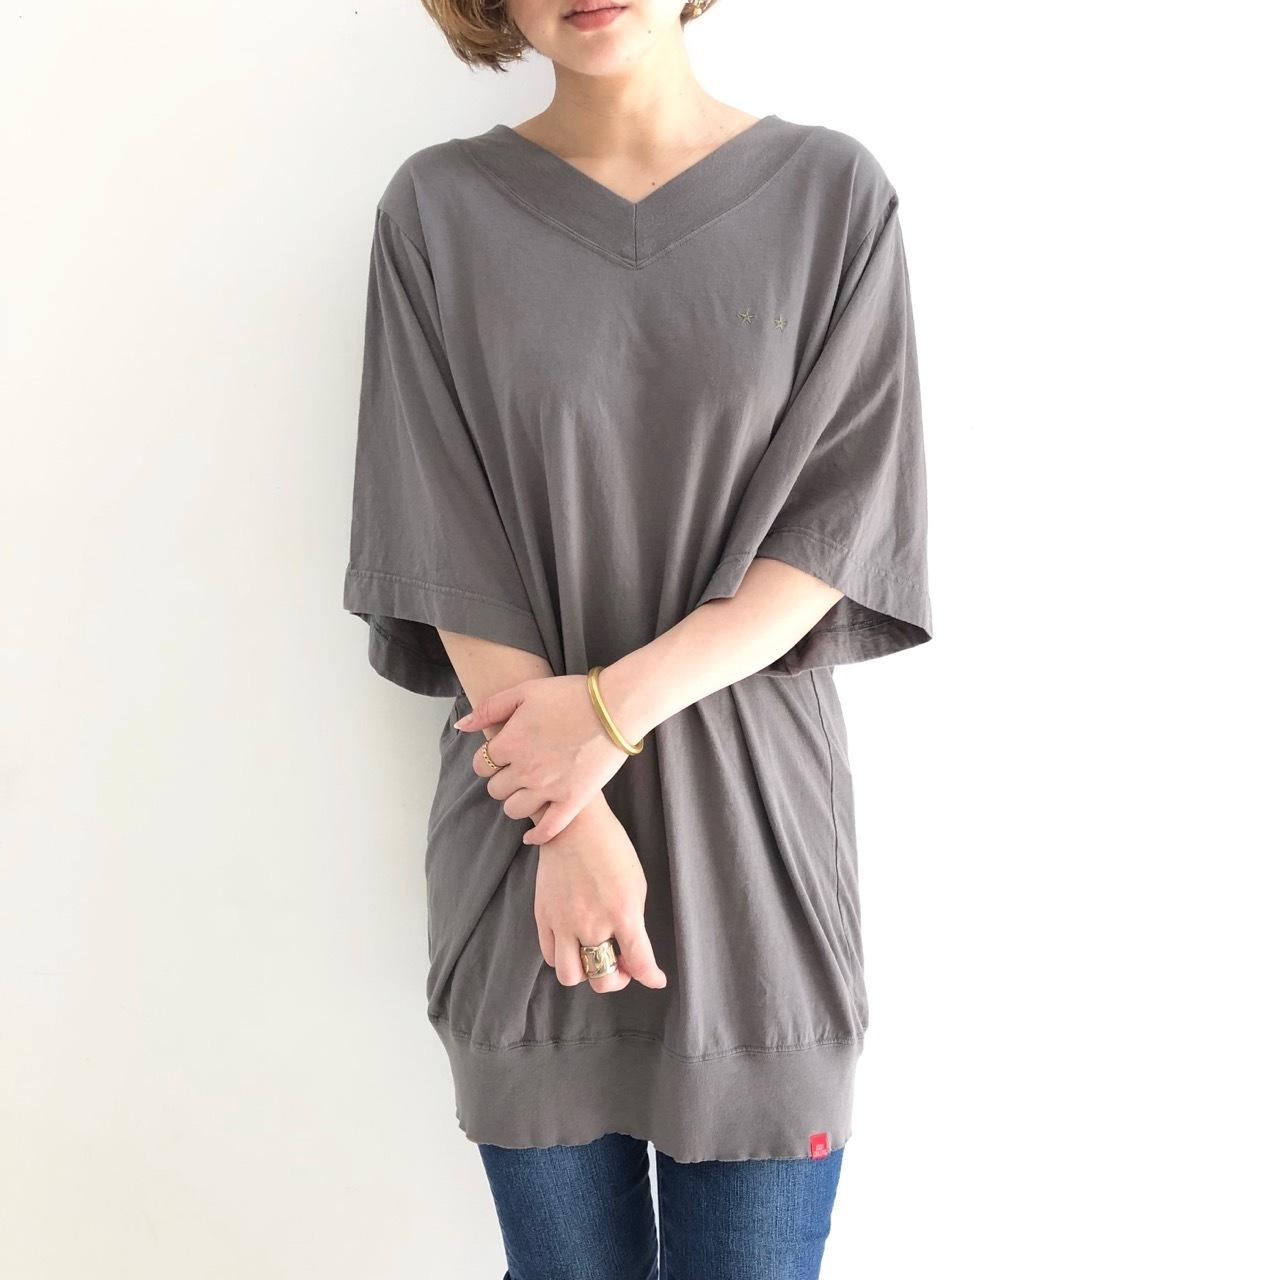 【 JUDDY CORN 】- F8379 - ロング丈Vネック刺繍Teeシャツ